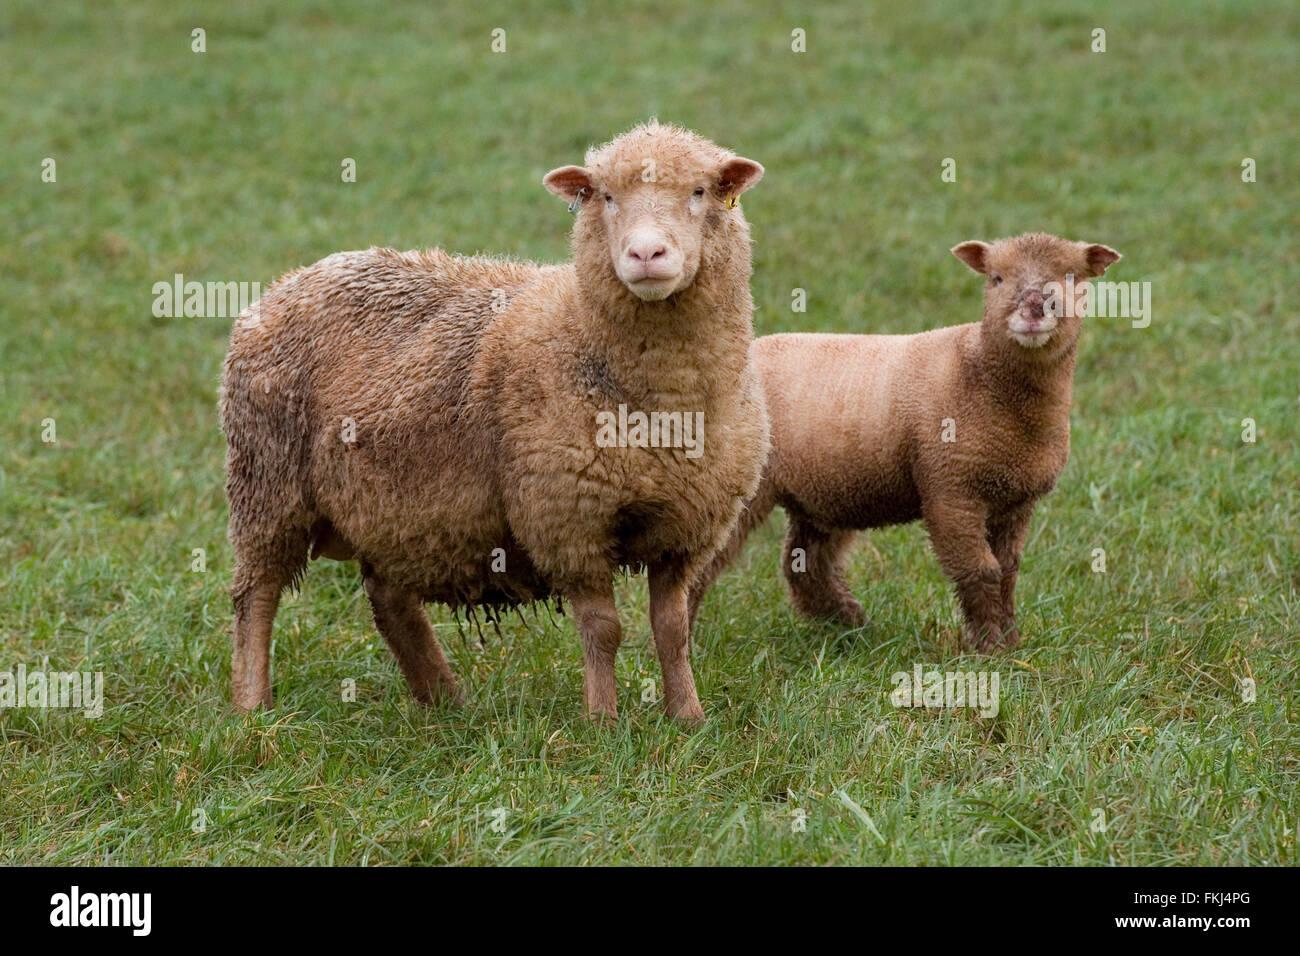 ewe with her lamb - Stock Image